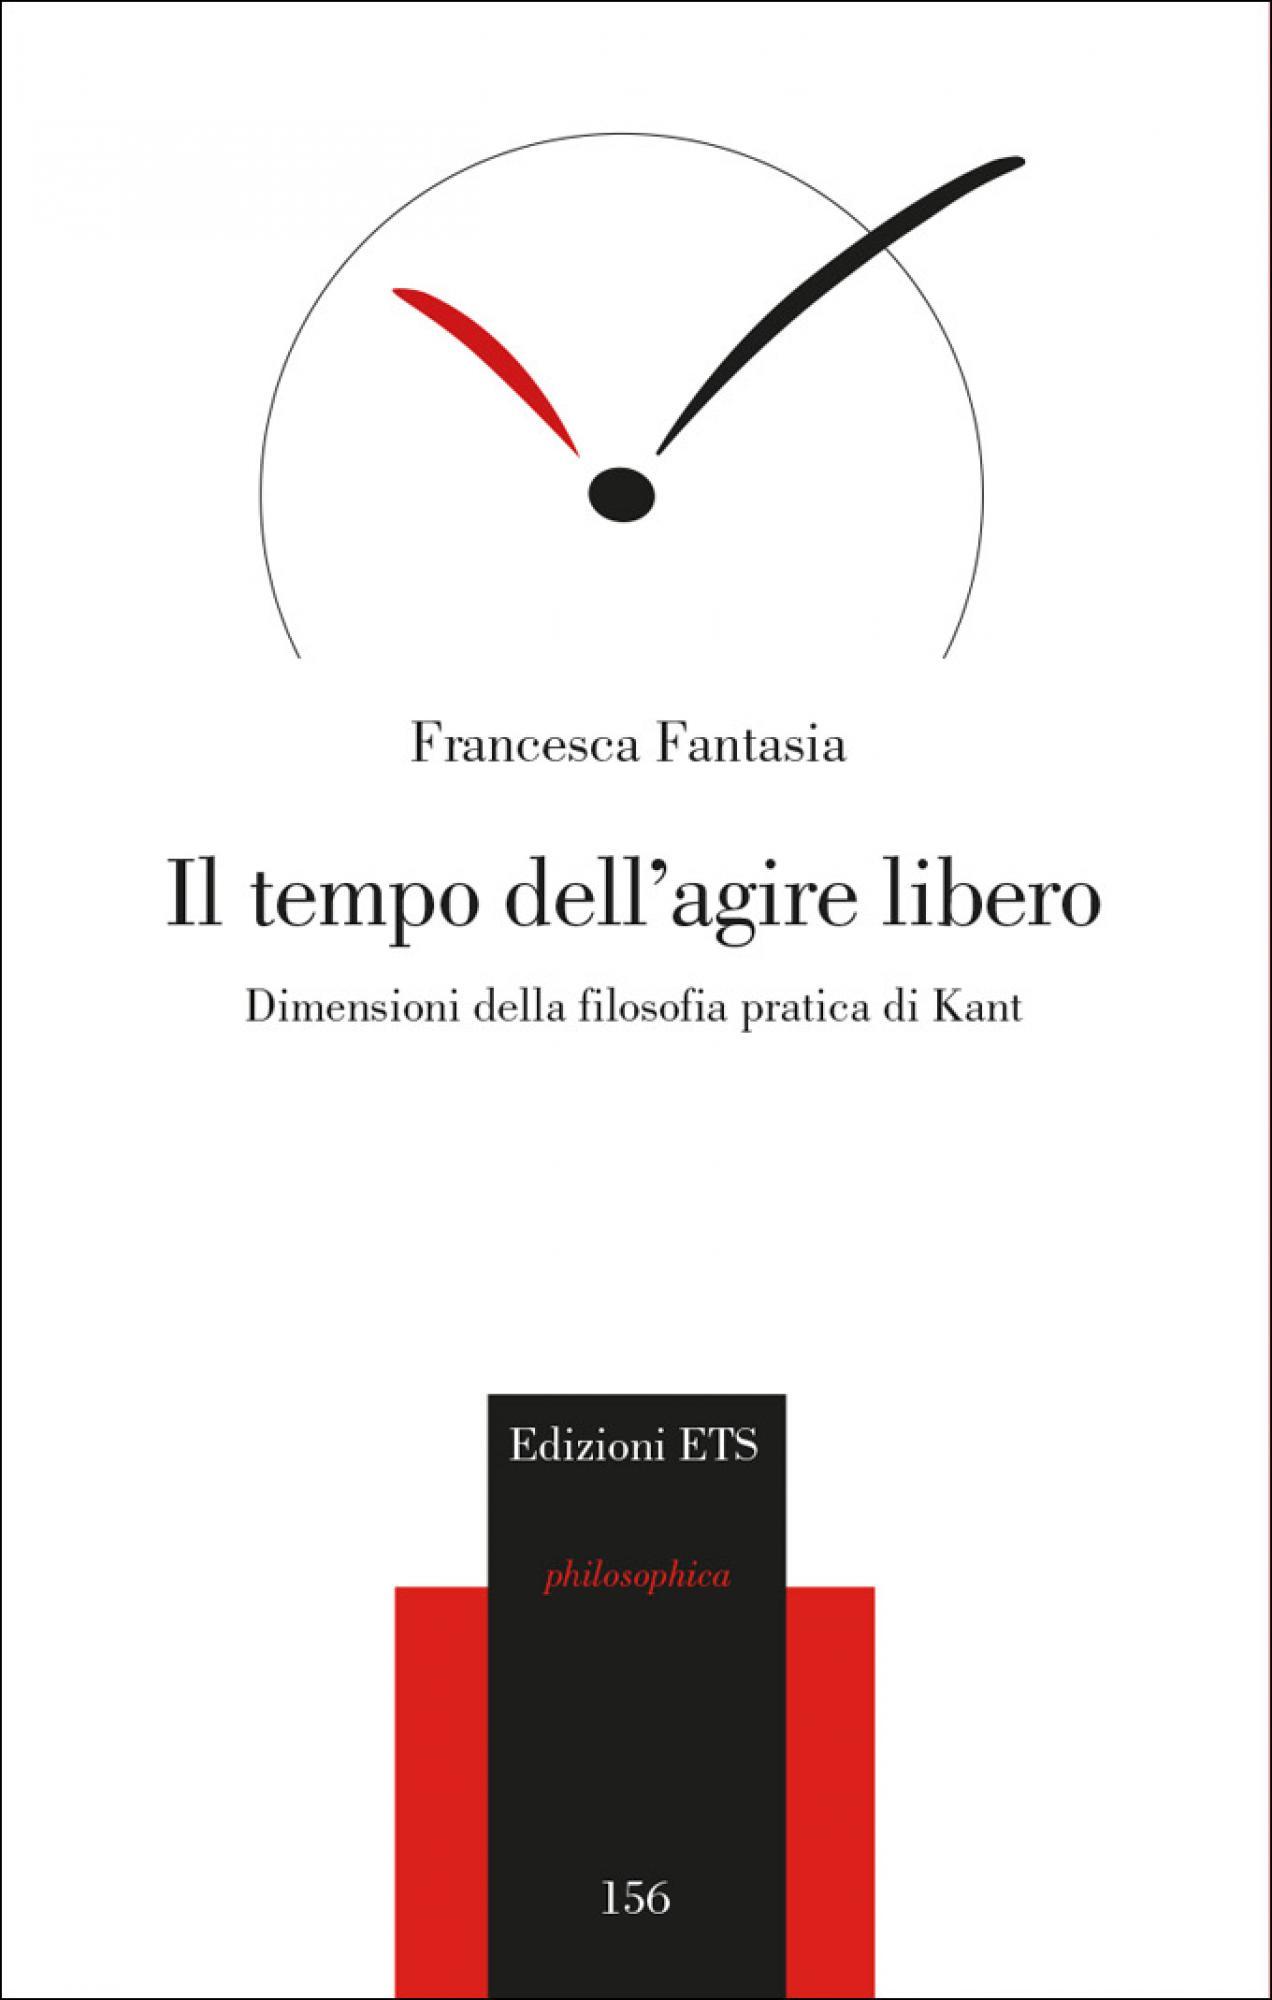 Il tempo dell'agire libero.Dimensioni della filosofia pratica di Kant